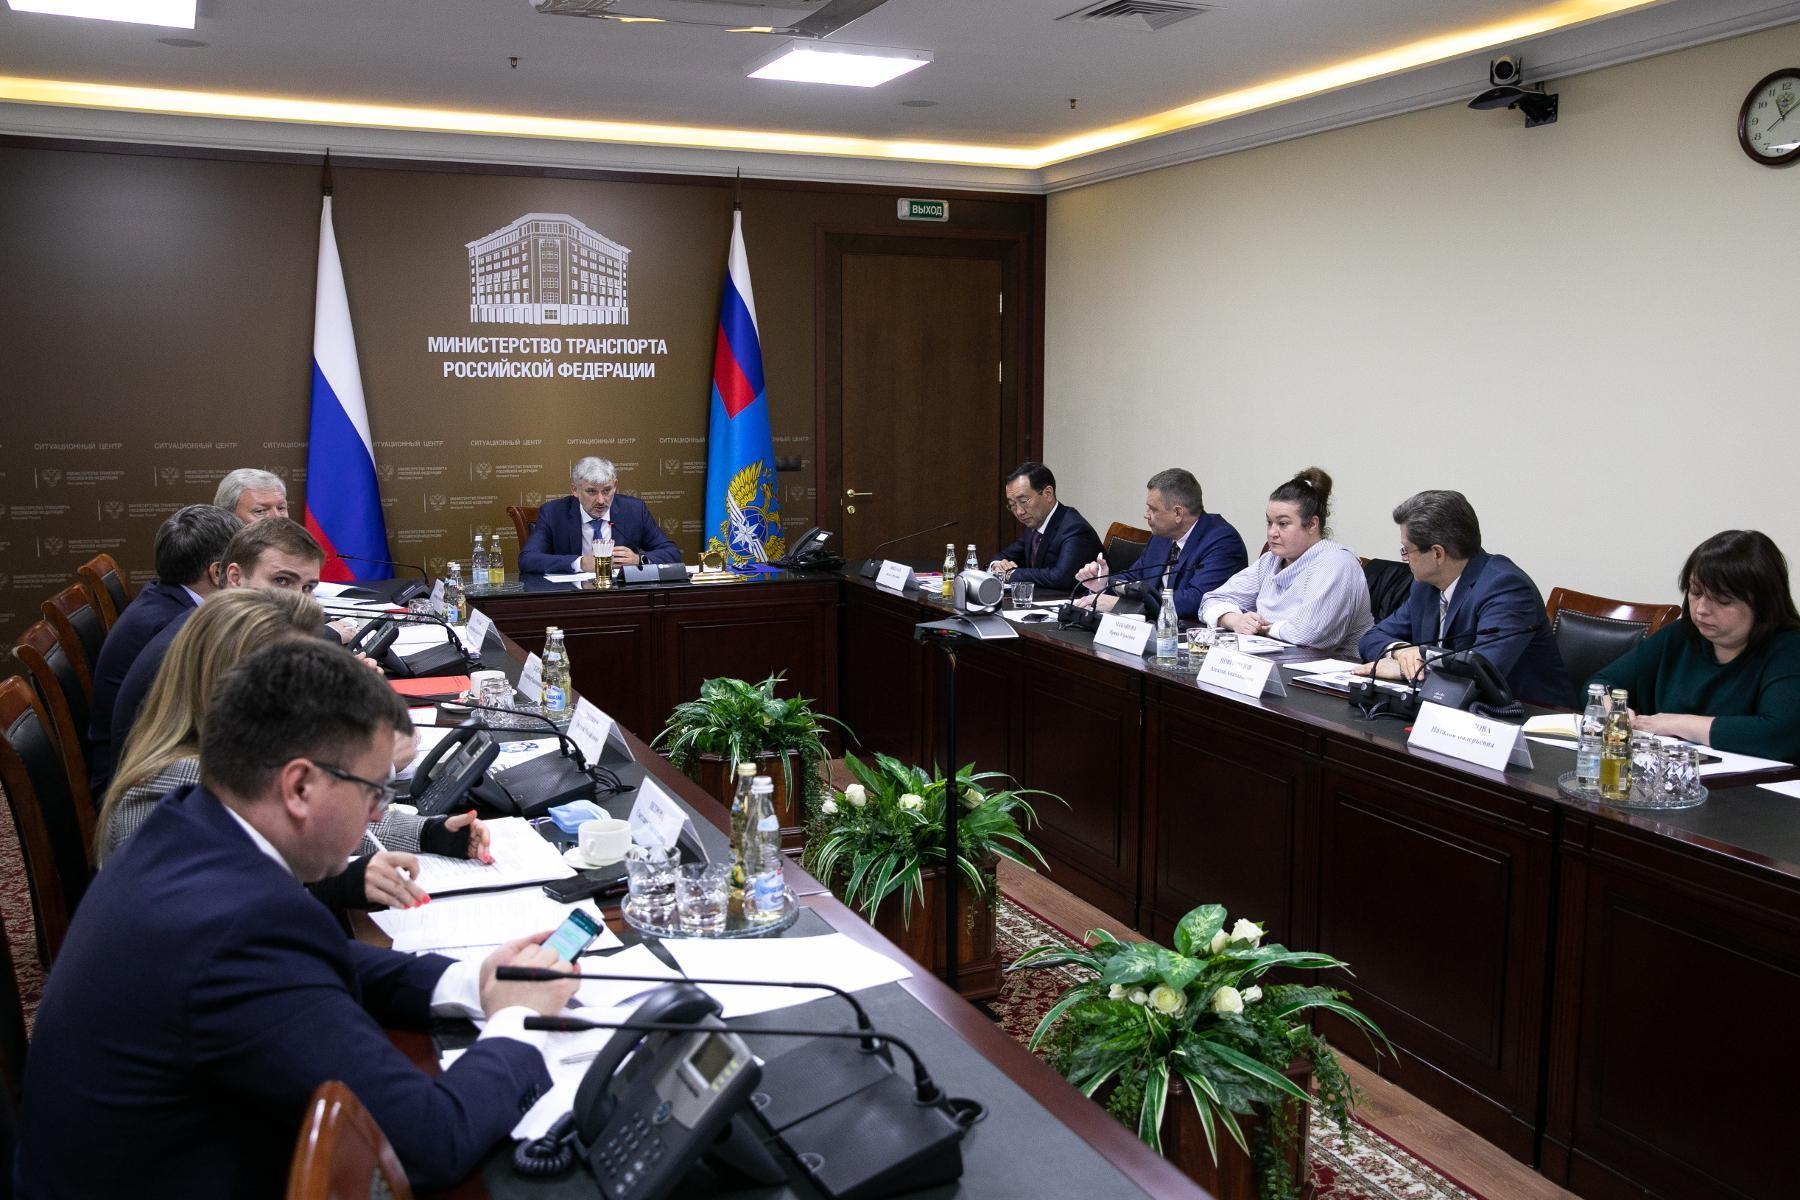 В Минтрансе России обсудили варианты создания дальневосточной авиакомпании